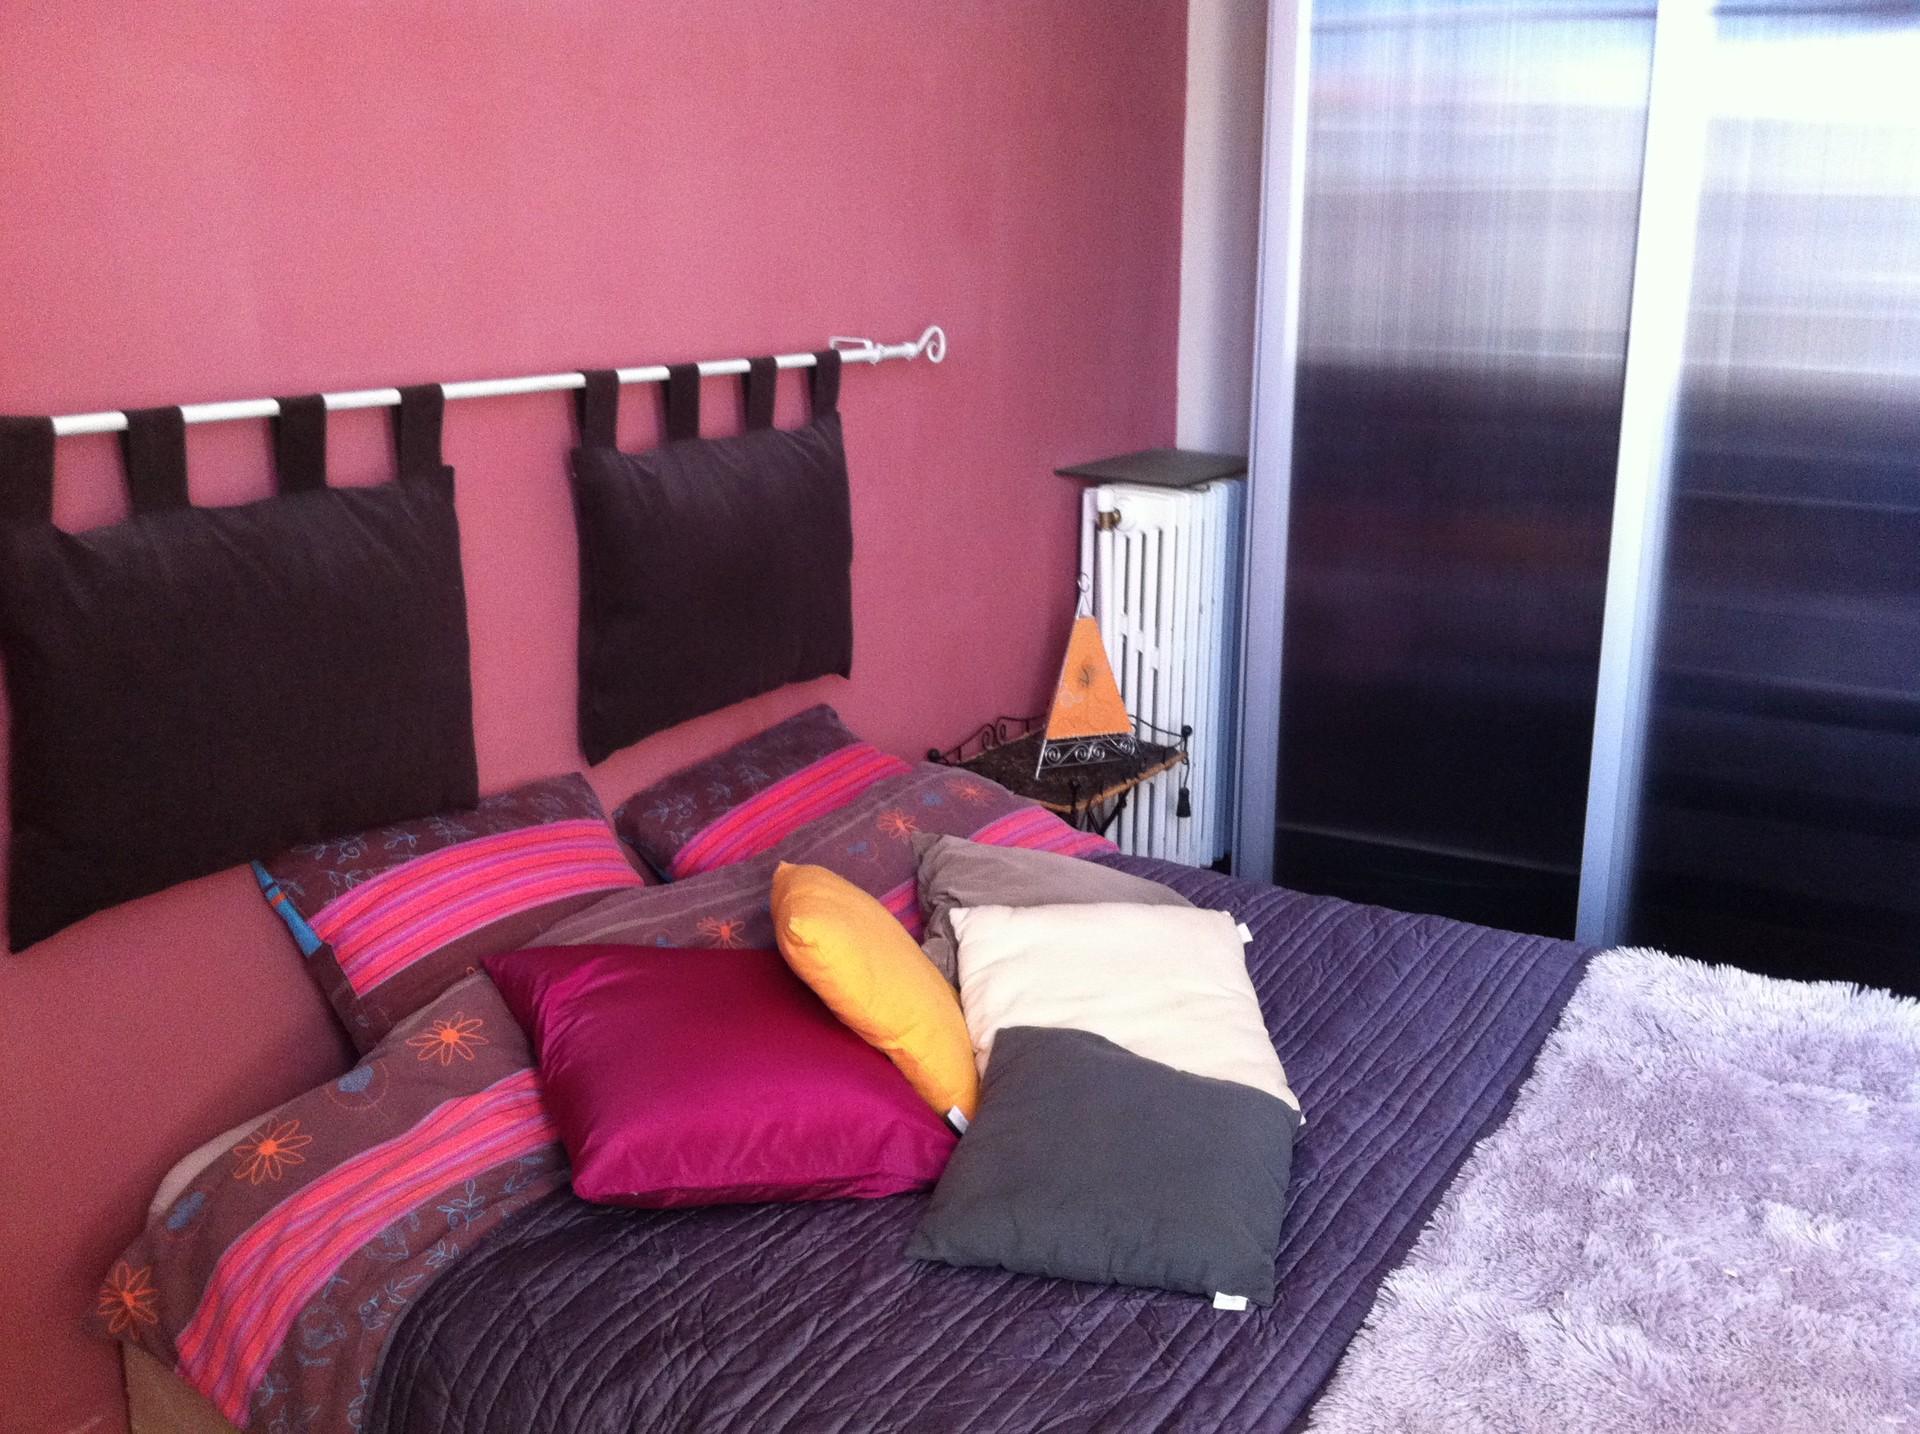 Chambre chez l 39 habitant location chambres bordeaux - Location chambre chez l habitant strasbourg ...